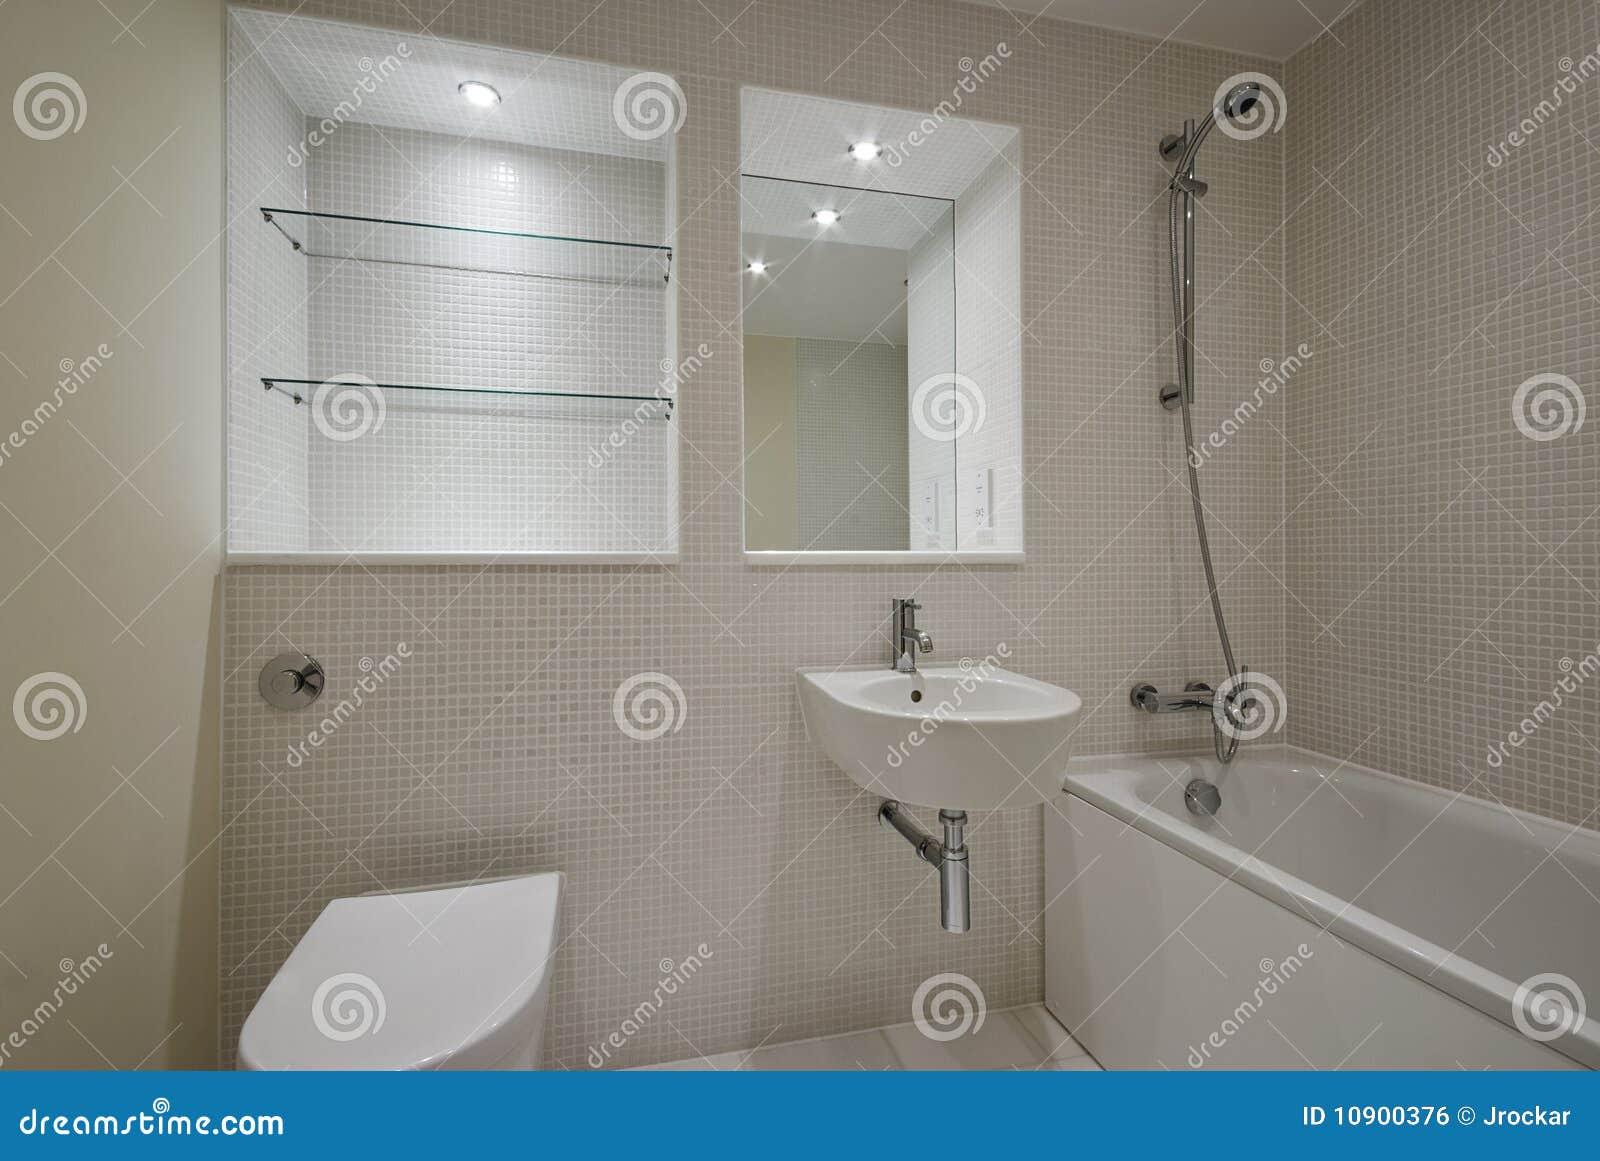 Stanza da bagno contemporanea con le mattonelle mozaic fotografia stock immagine di miscela - Stanza da pranzo contemporanea ...